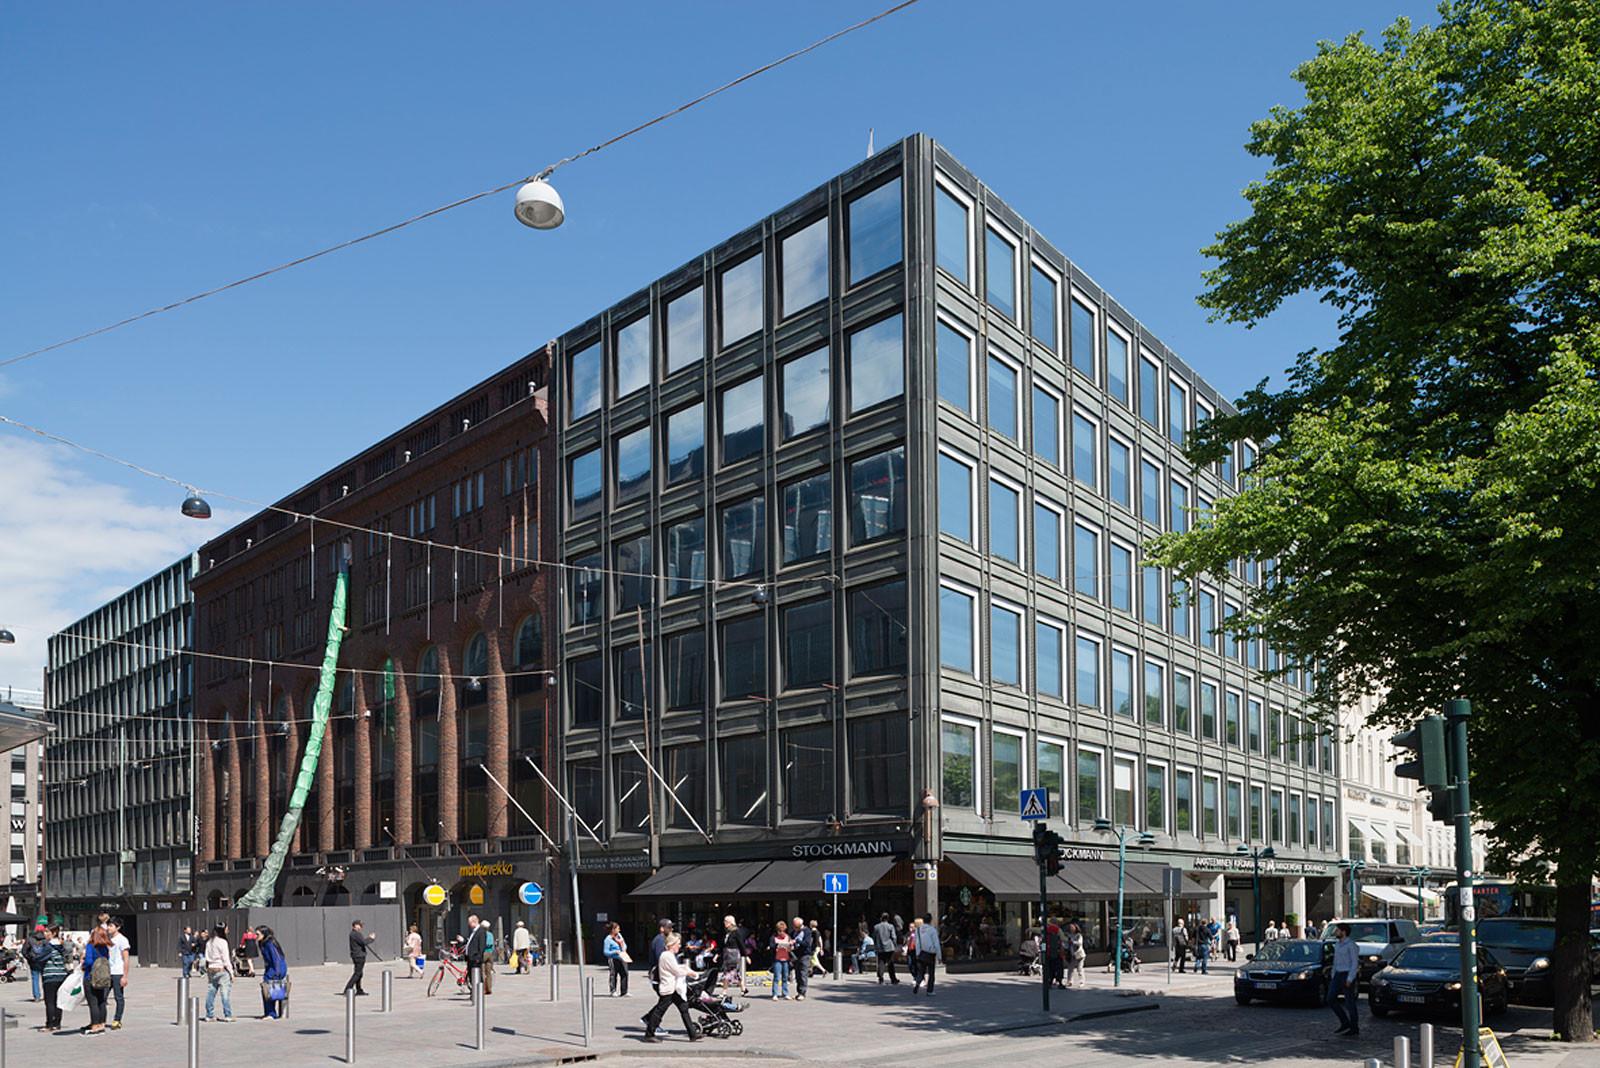 Akateeminen kirjakauppa ja Rautatalo. Kuva: Jaana Maijala